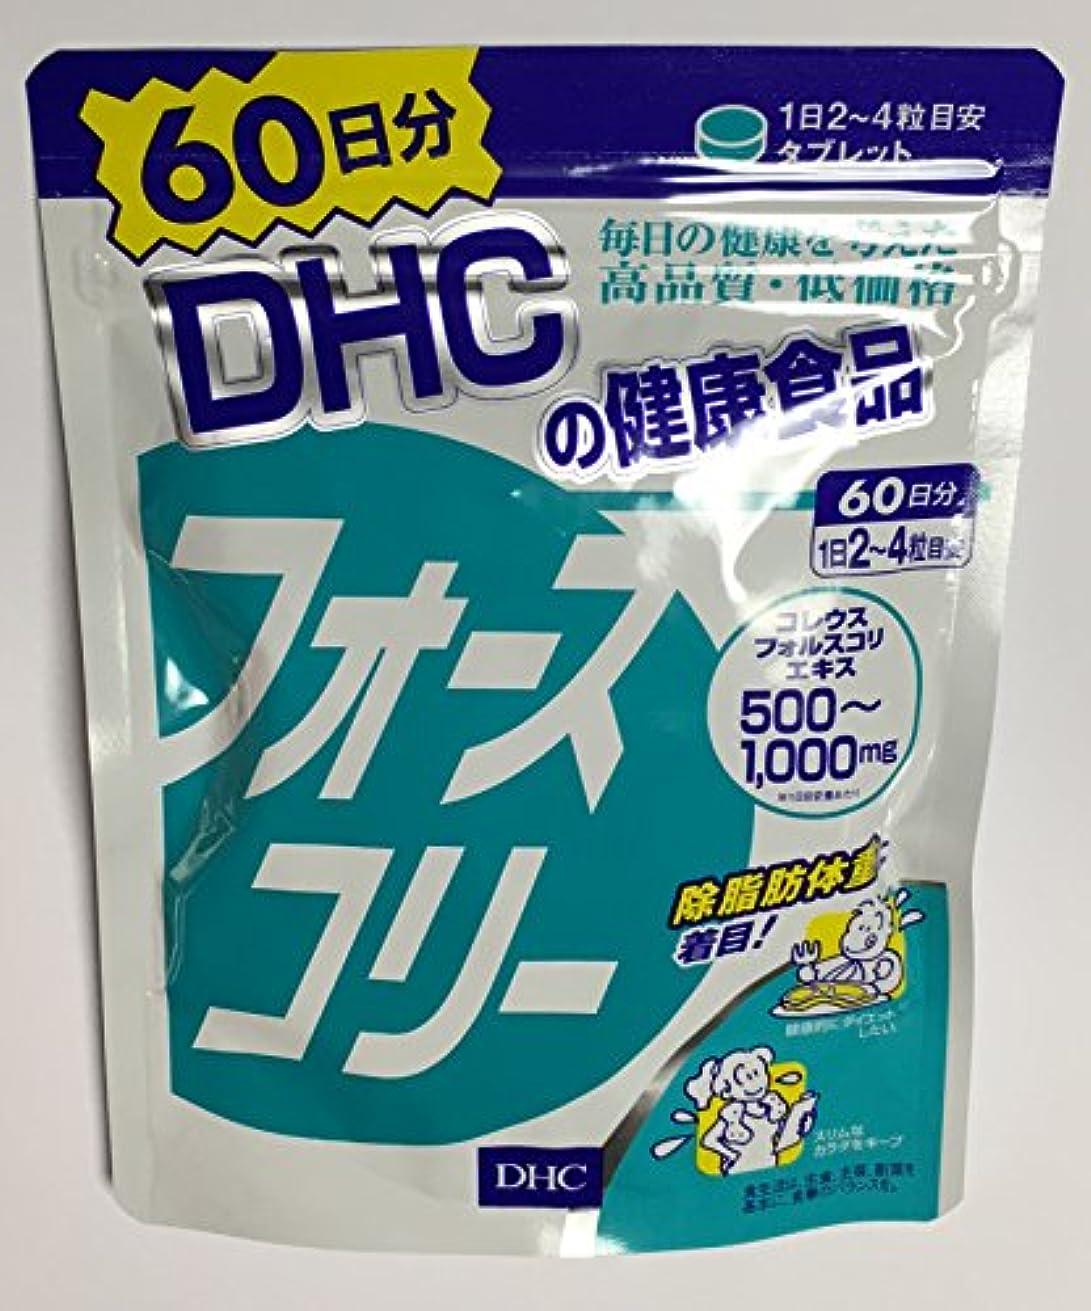 私達リース第九【大容量】DHC フォースコリー (60日分) 240粒